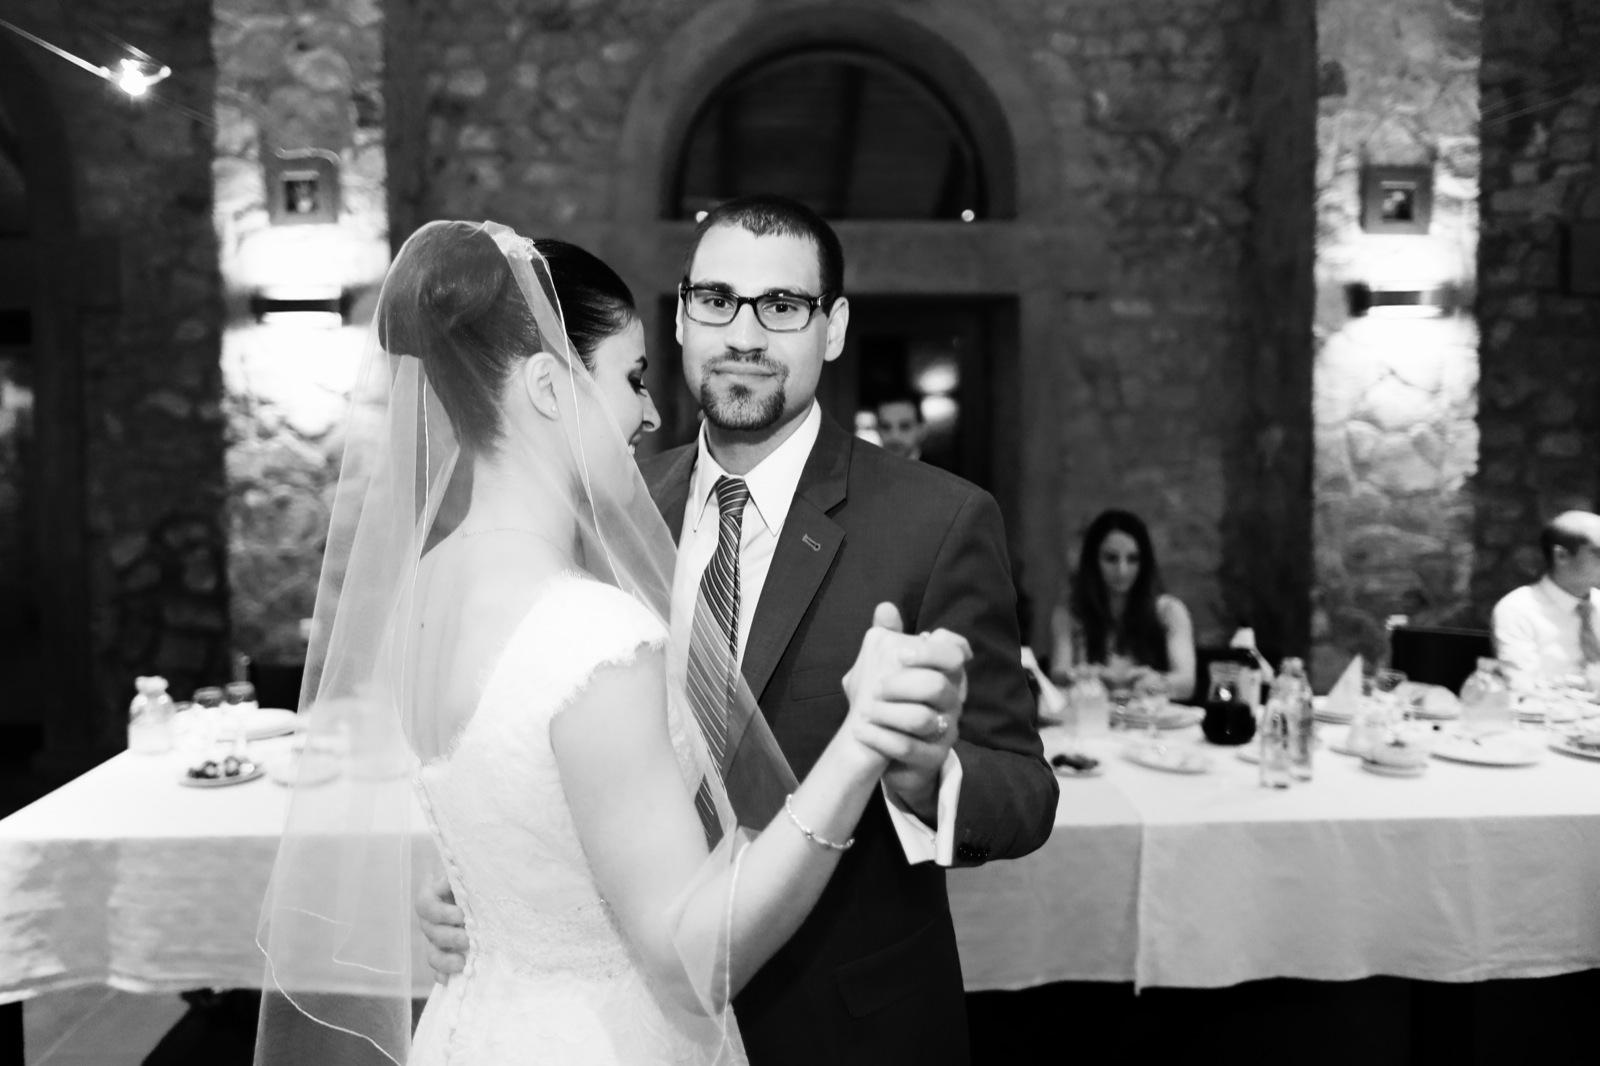 wedding_68.jpg